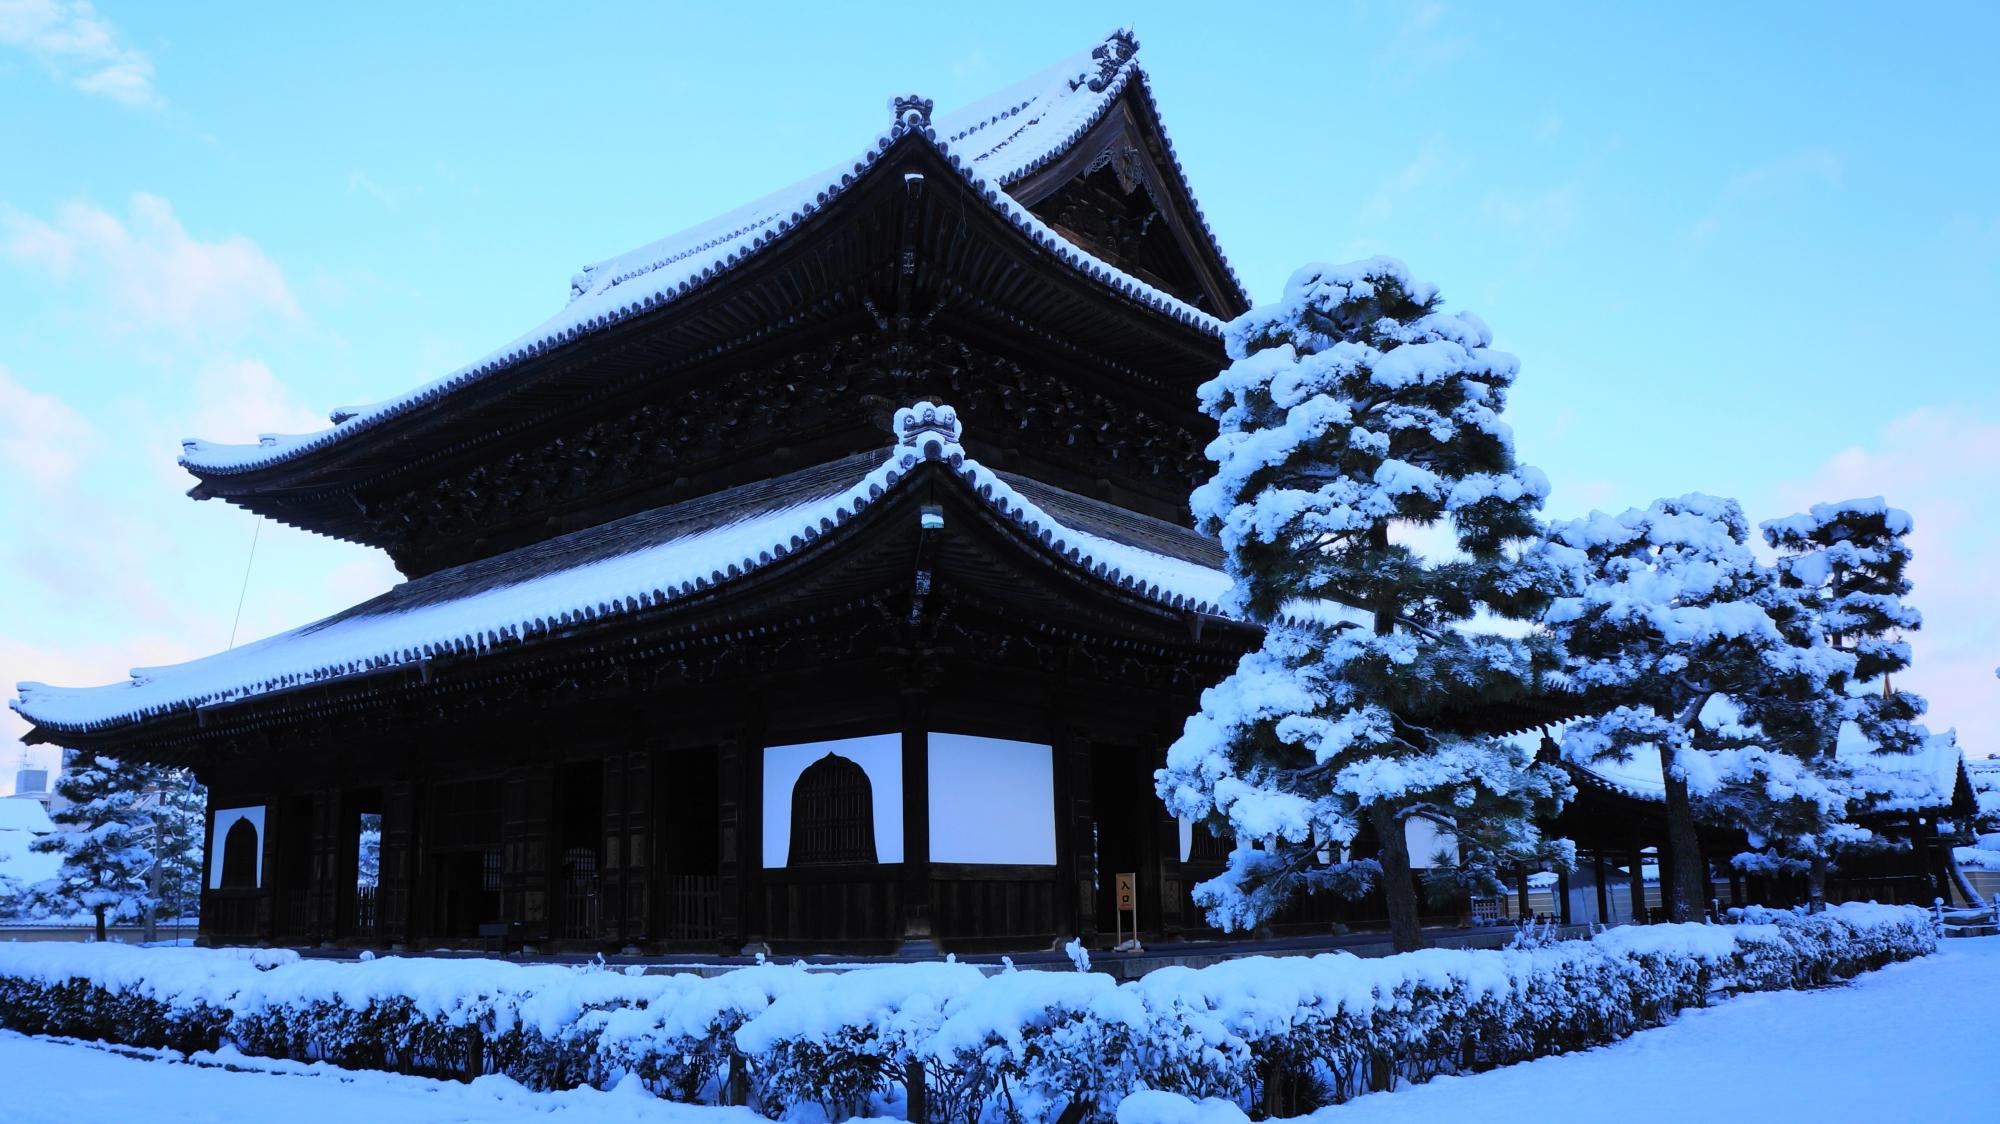 雪がいっぱい積もり白銀の中に佇む建仁寺の法堂